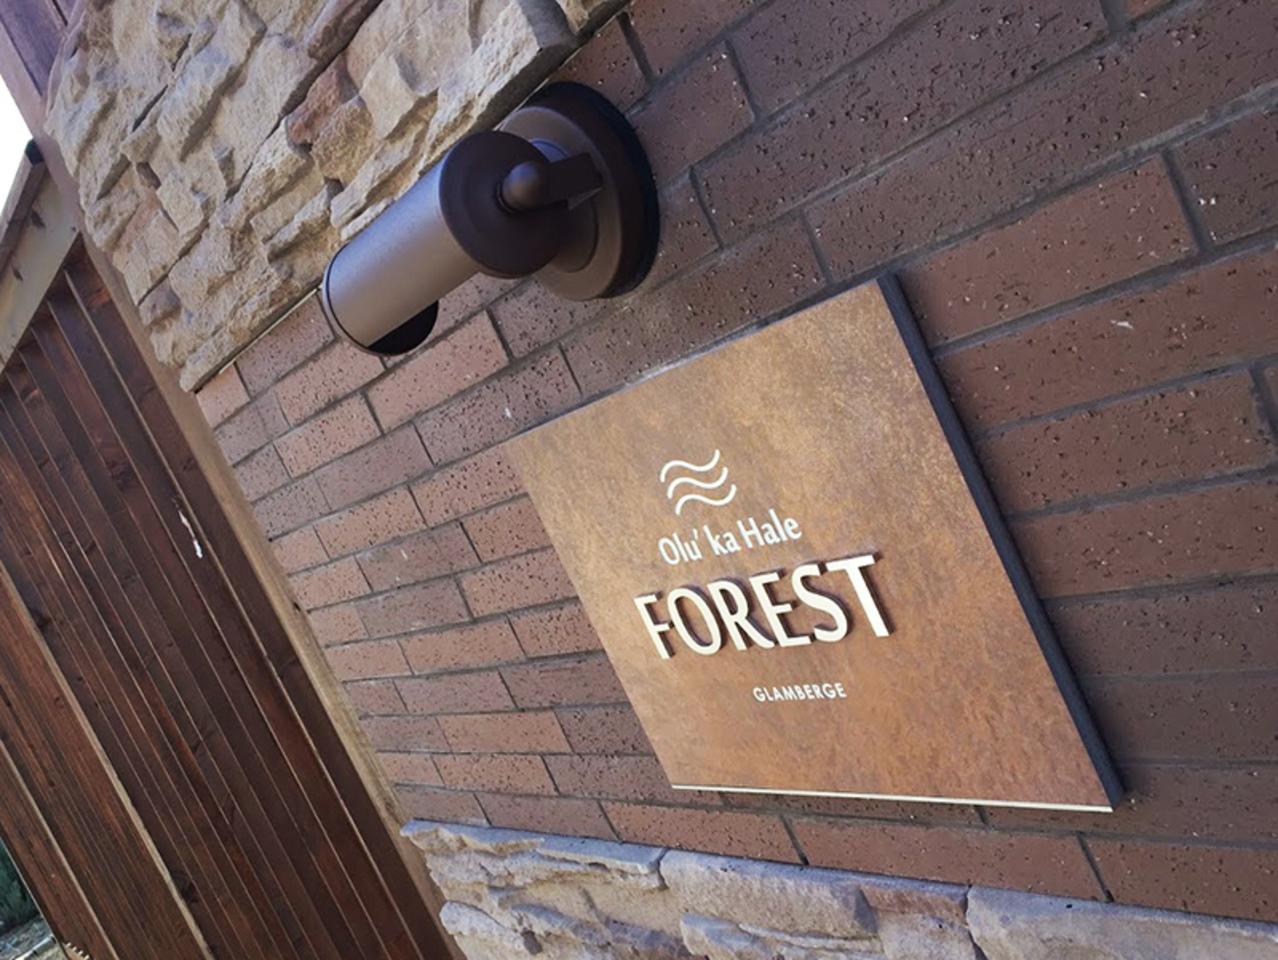 和歌山県西牟婁郡の貸切宿『Olu' ka Hale FOREST』